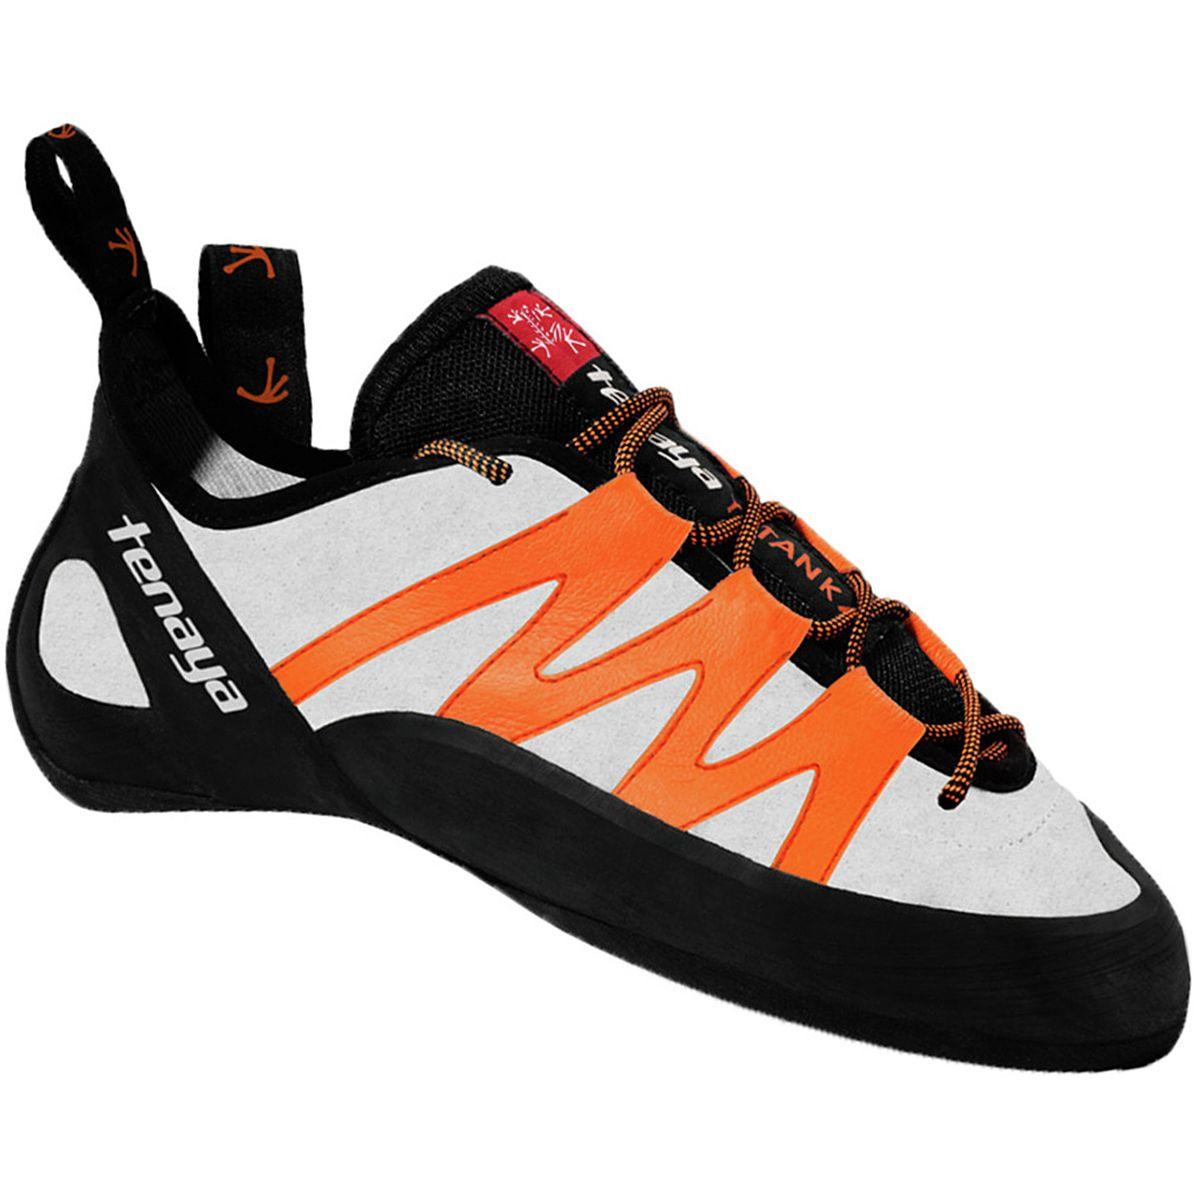 photo: Tenaya Tatanka climbing shoe